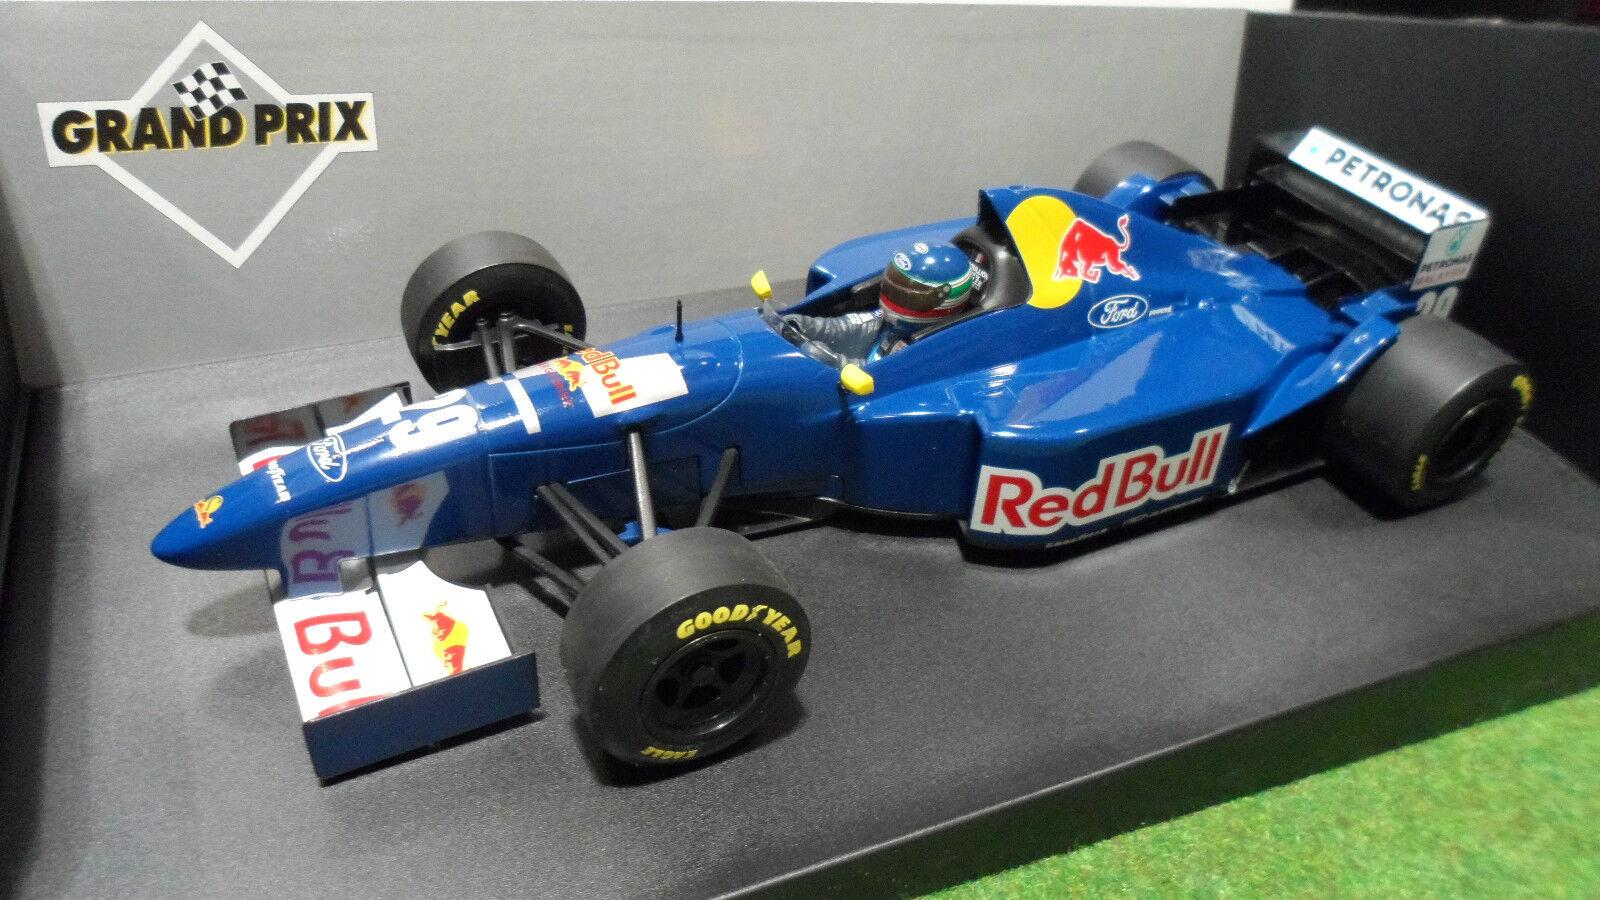 F1 SAUBER FORD C14 BOULLION   29 rouge BULL au 1 18 MINICHAMPS 180 950129 voiture